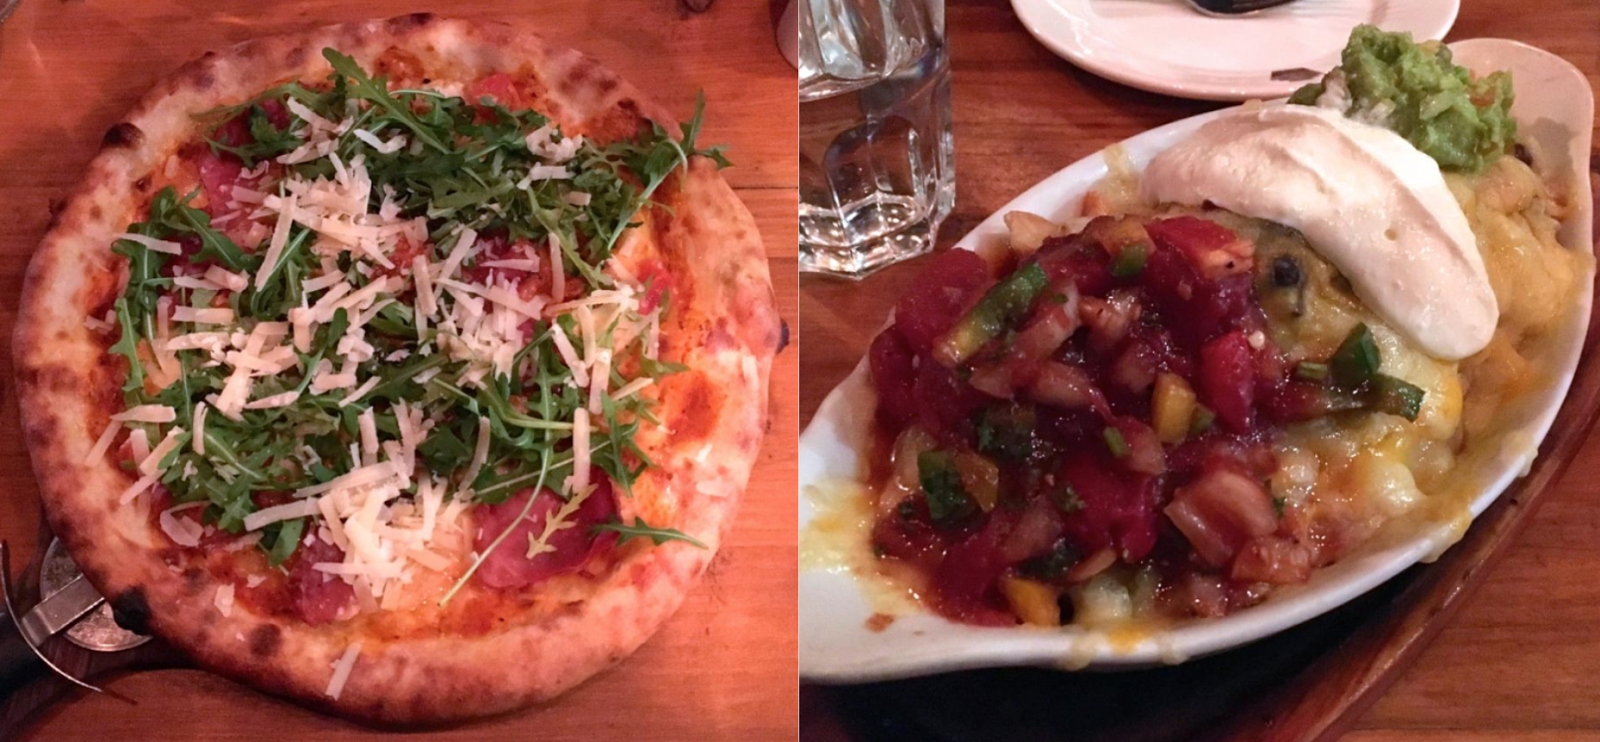 Pizza and Nachos in Dublin - Luigi Malones, Temple Bar